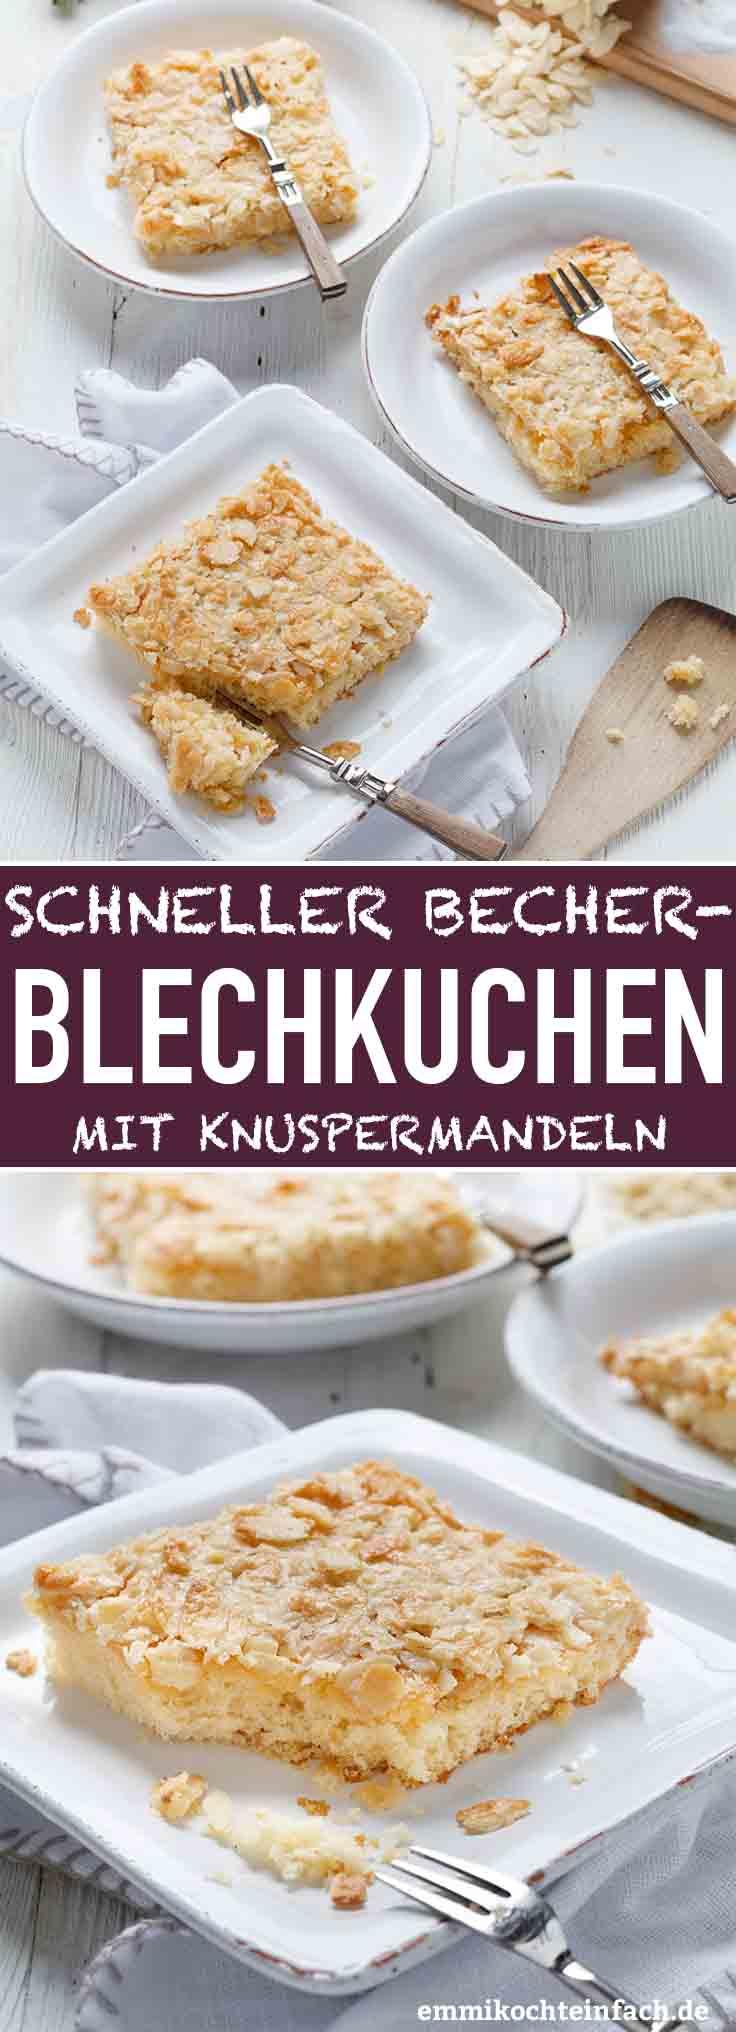 Ein schneller Becherkuchen - www.emmikochteinfach.de